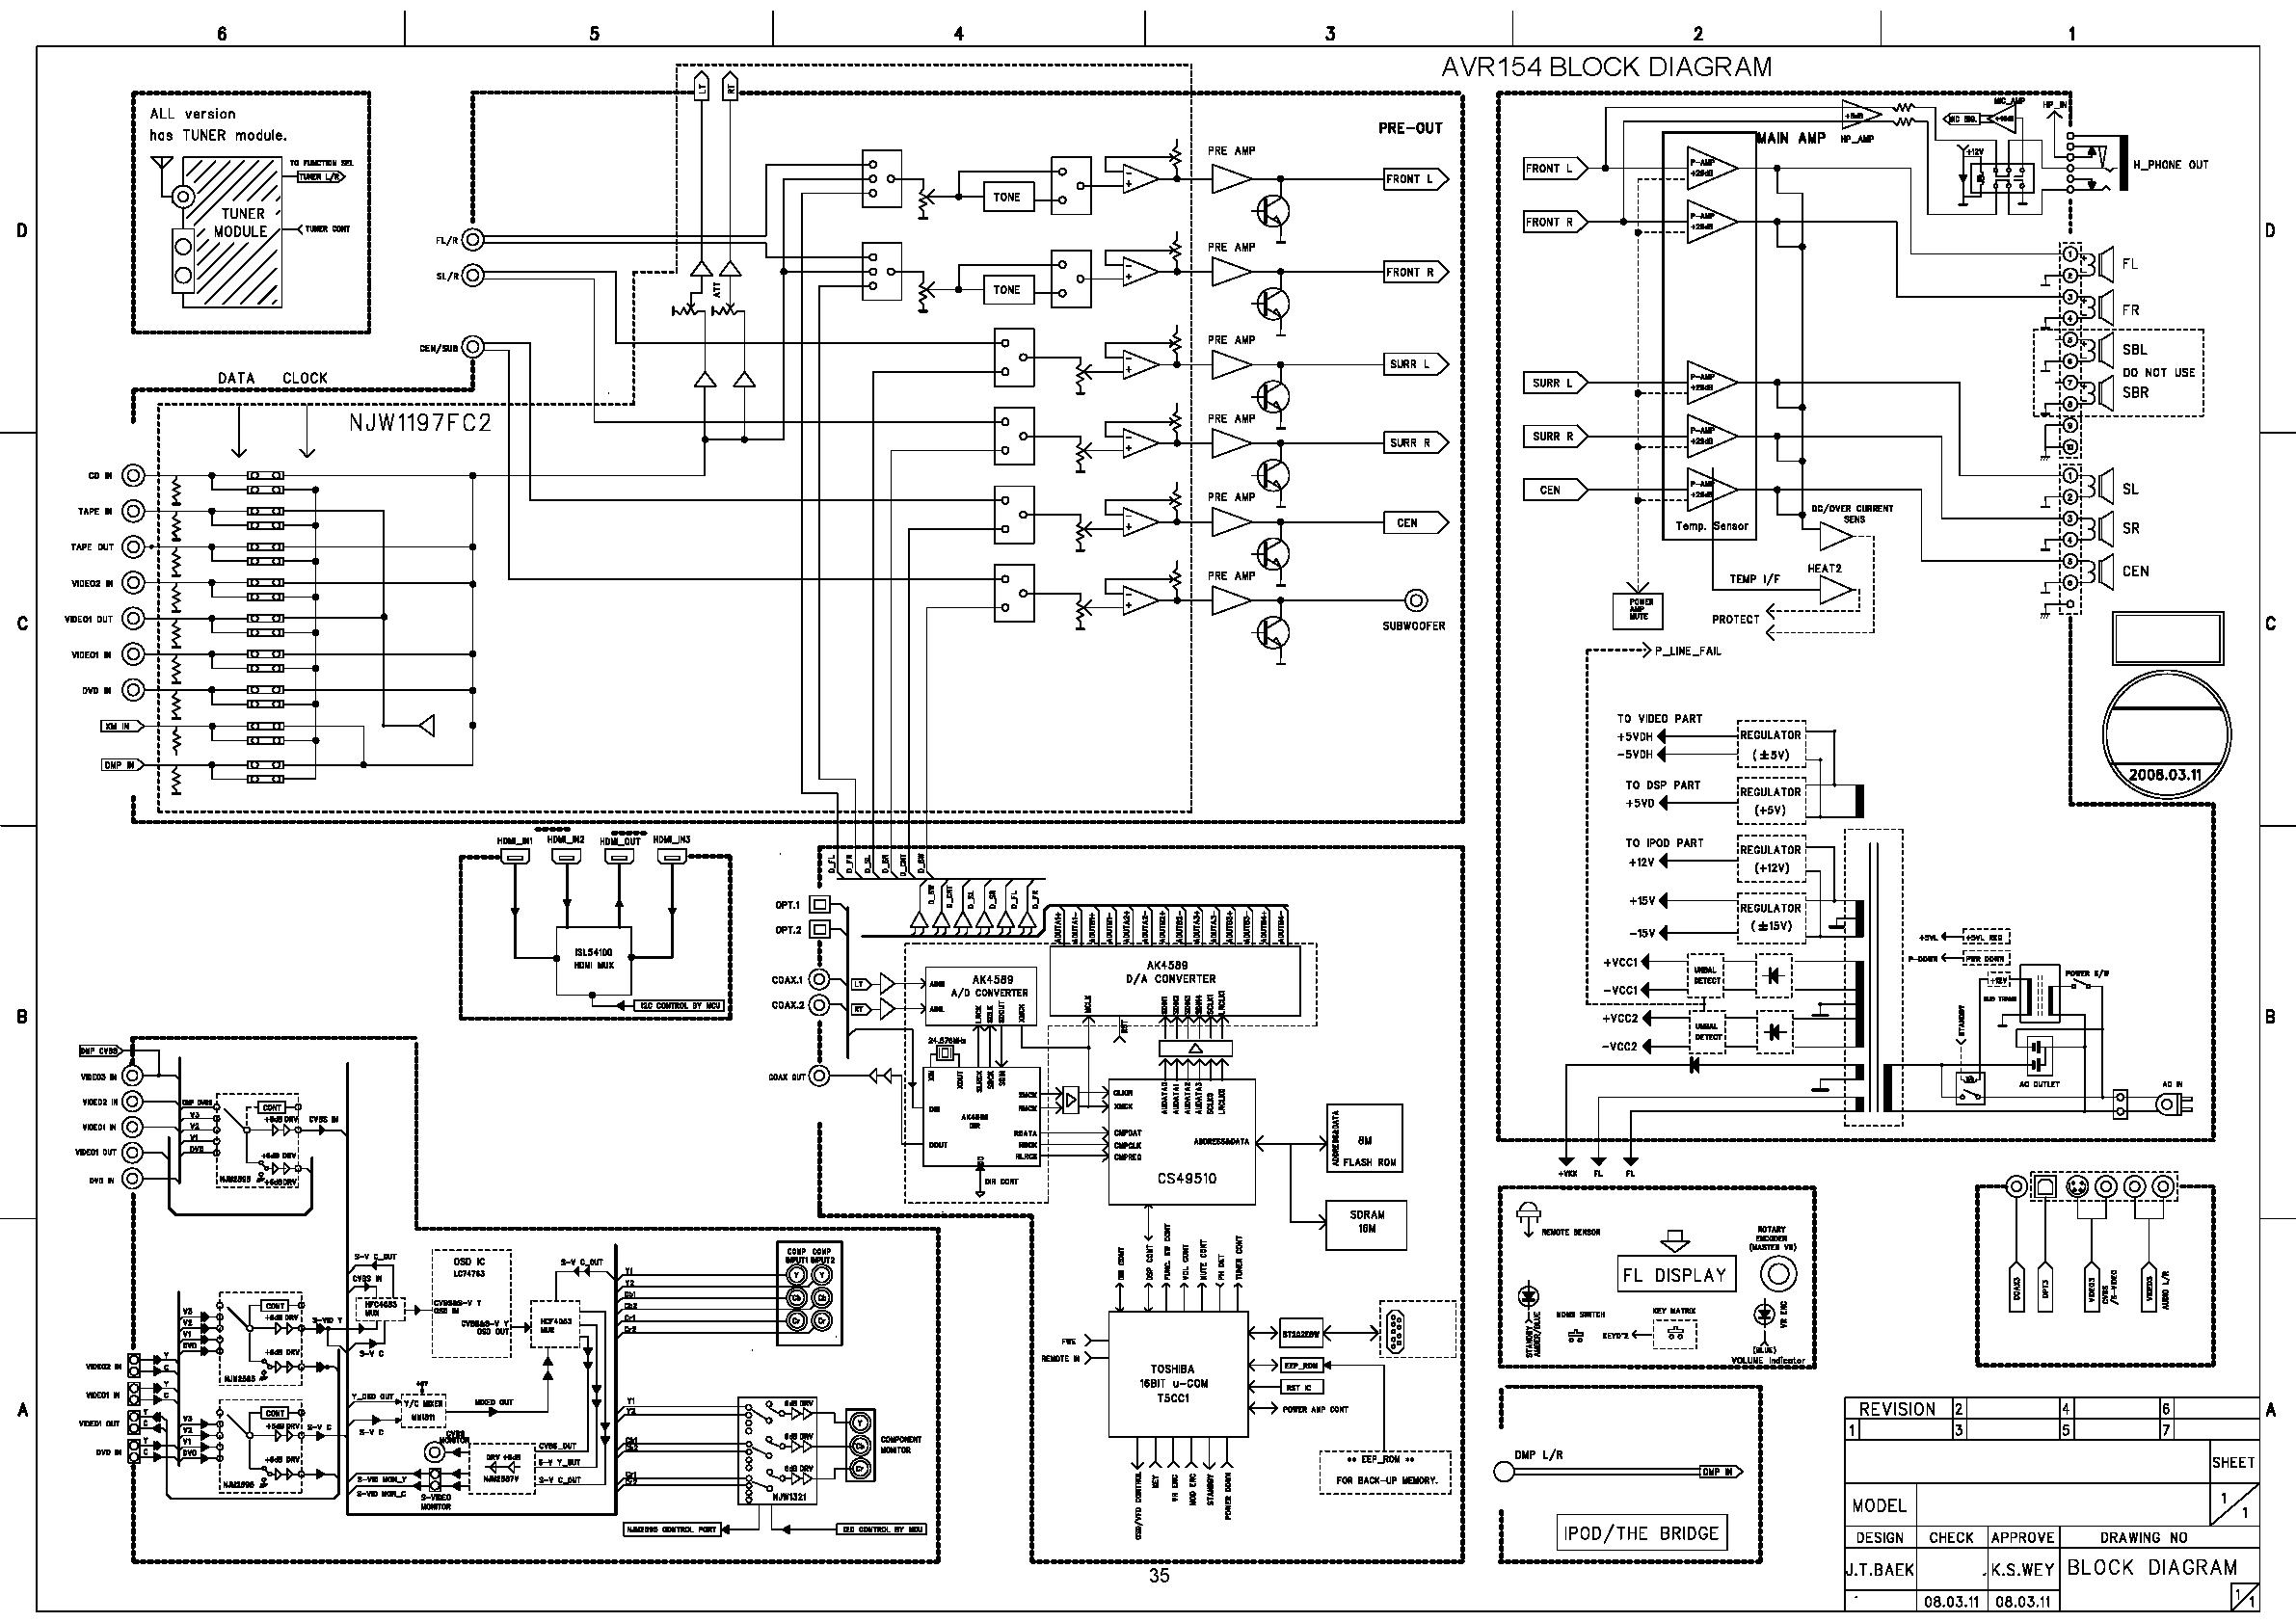 Palomino Rv Wiring Diagram